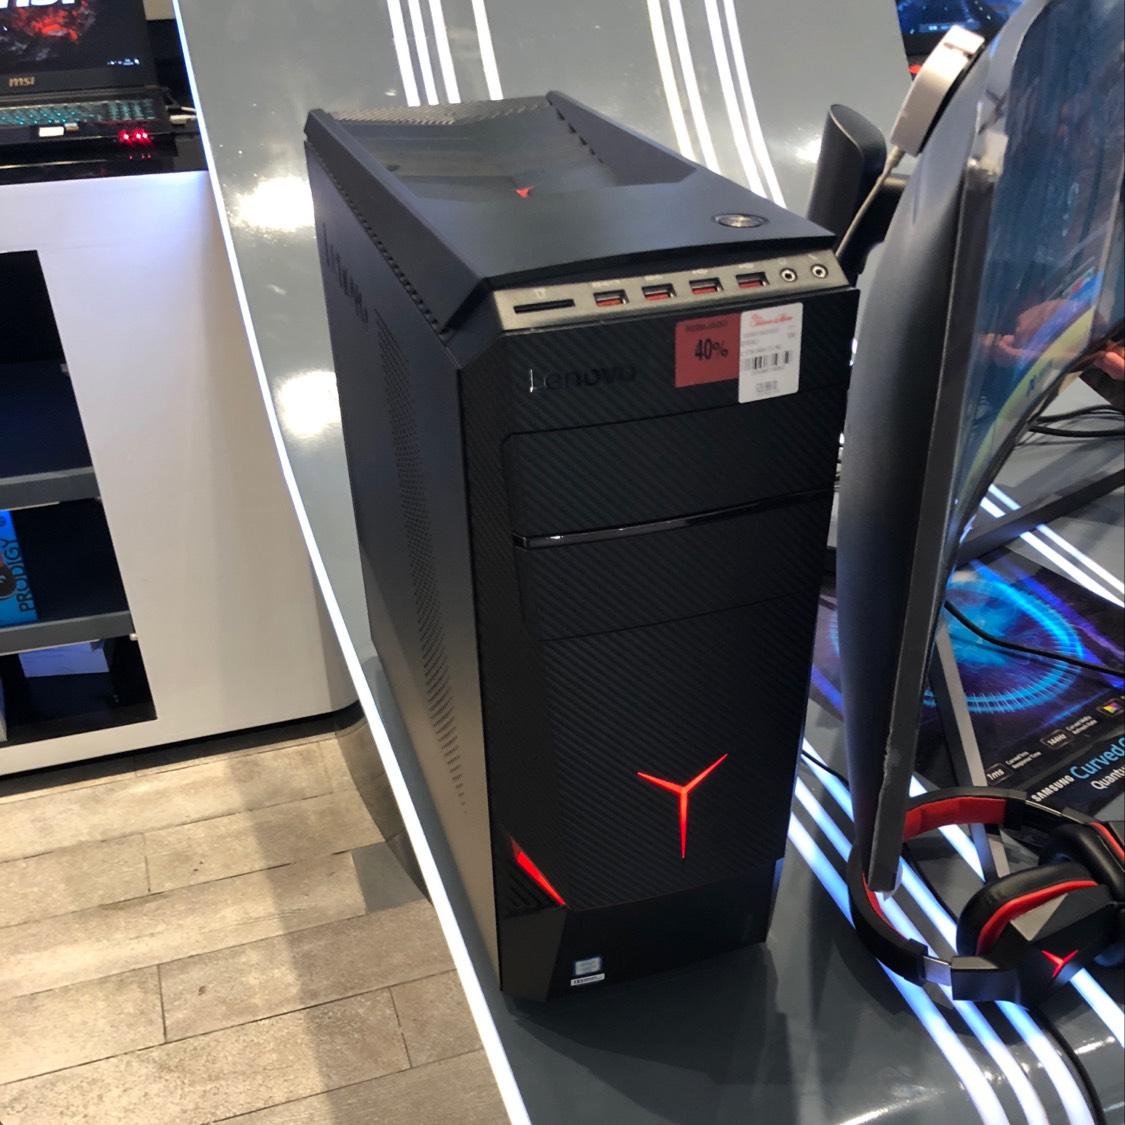 Palacio de Hierro Moliere: Computadora Lenovo Ideacentre Y700-34ISH Torre Core i7-6700 8GB RAM DDR4 HDD 2TB GeForce GTX 1070 8GB W10 + Headset +Mouse M600+Teclado Mecanico Lenovo Y